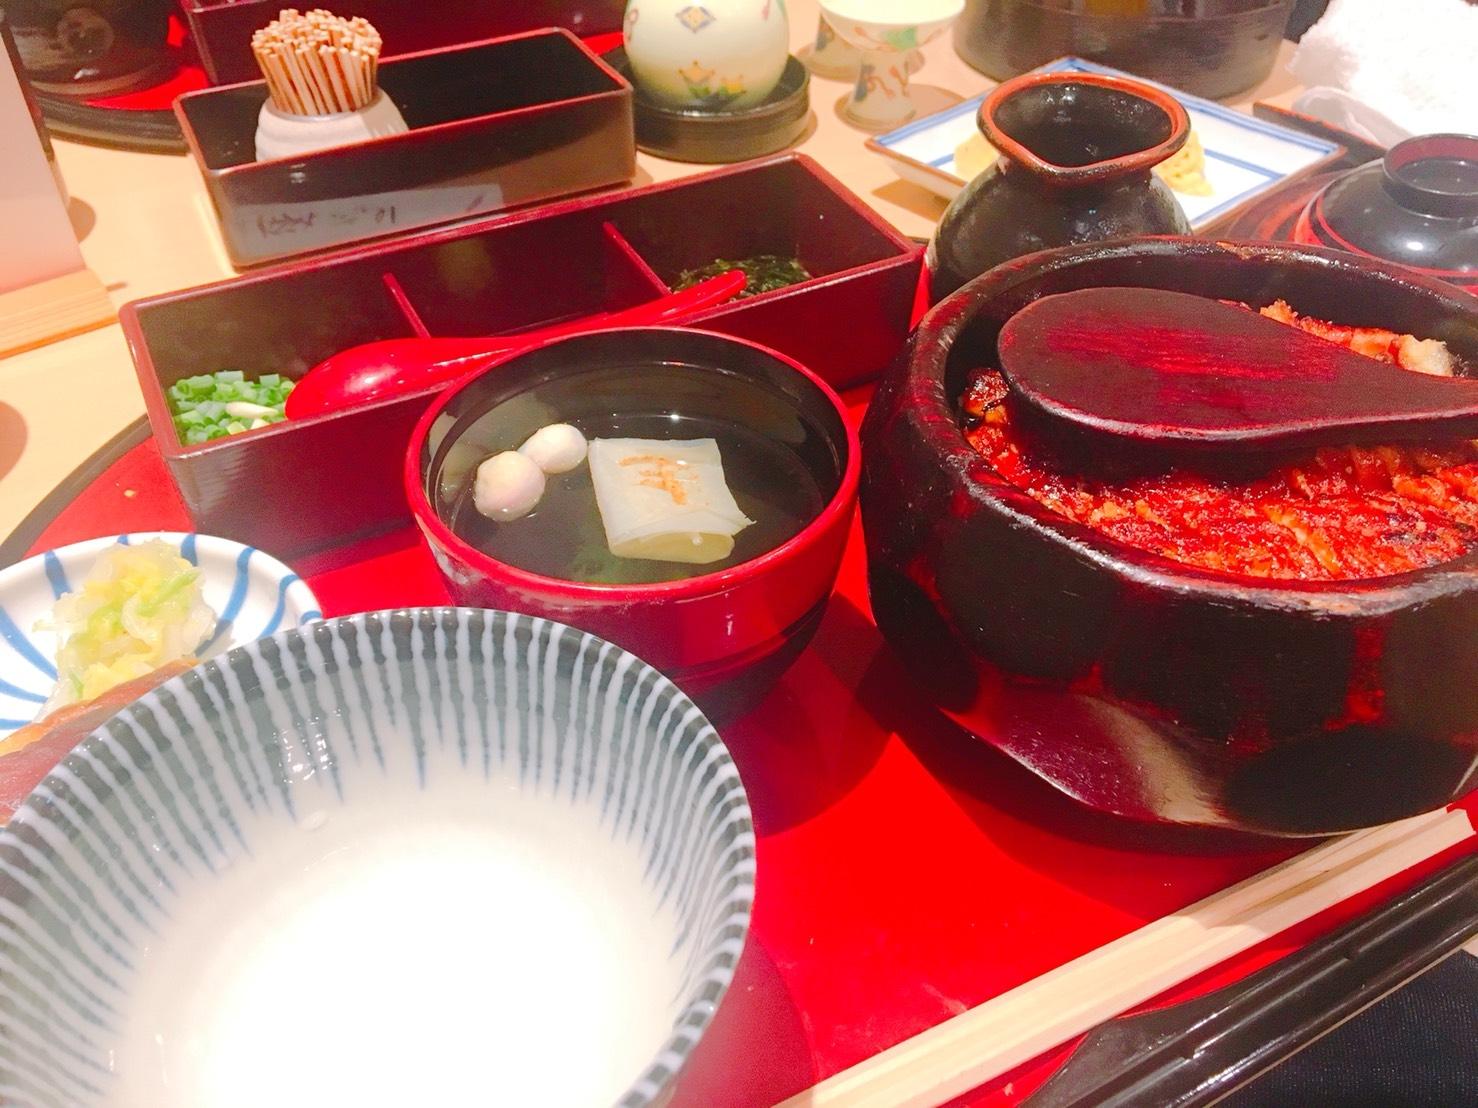 http://www.s-shika-clinic.com/asset/IMG_0226.JPG